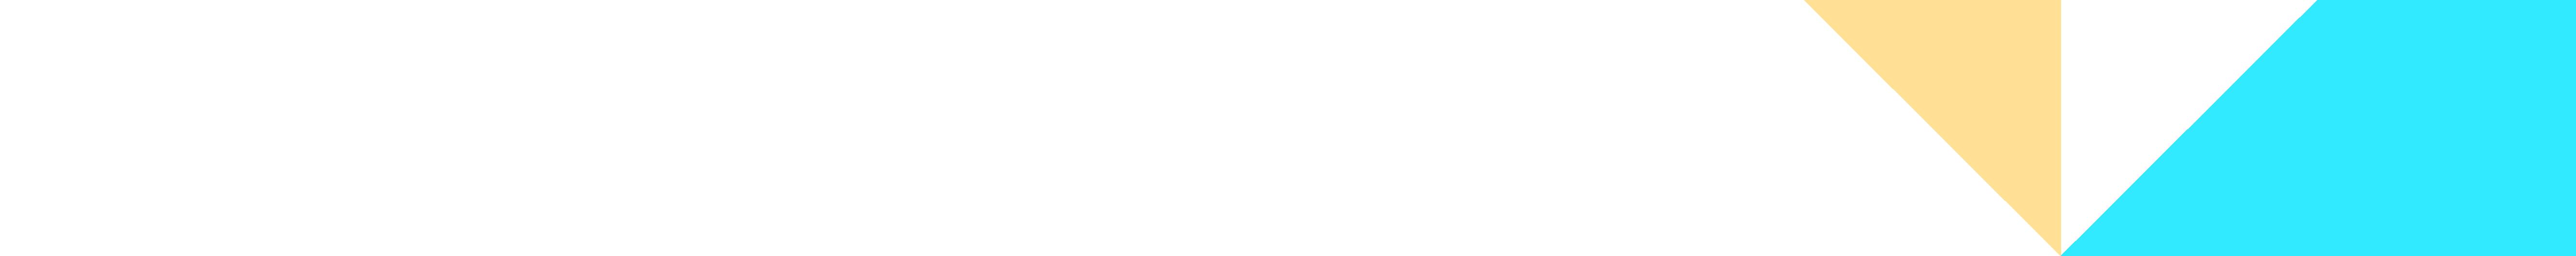 JLIWLR_4-1-D